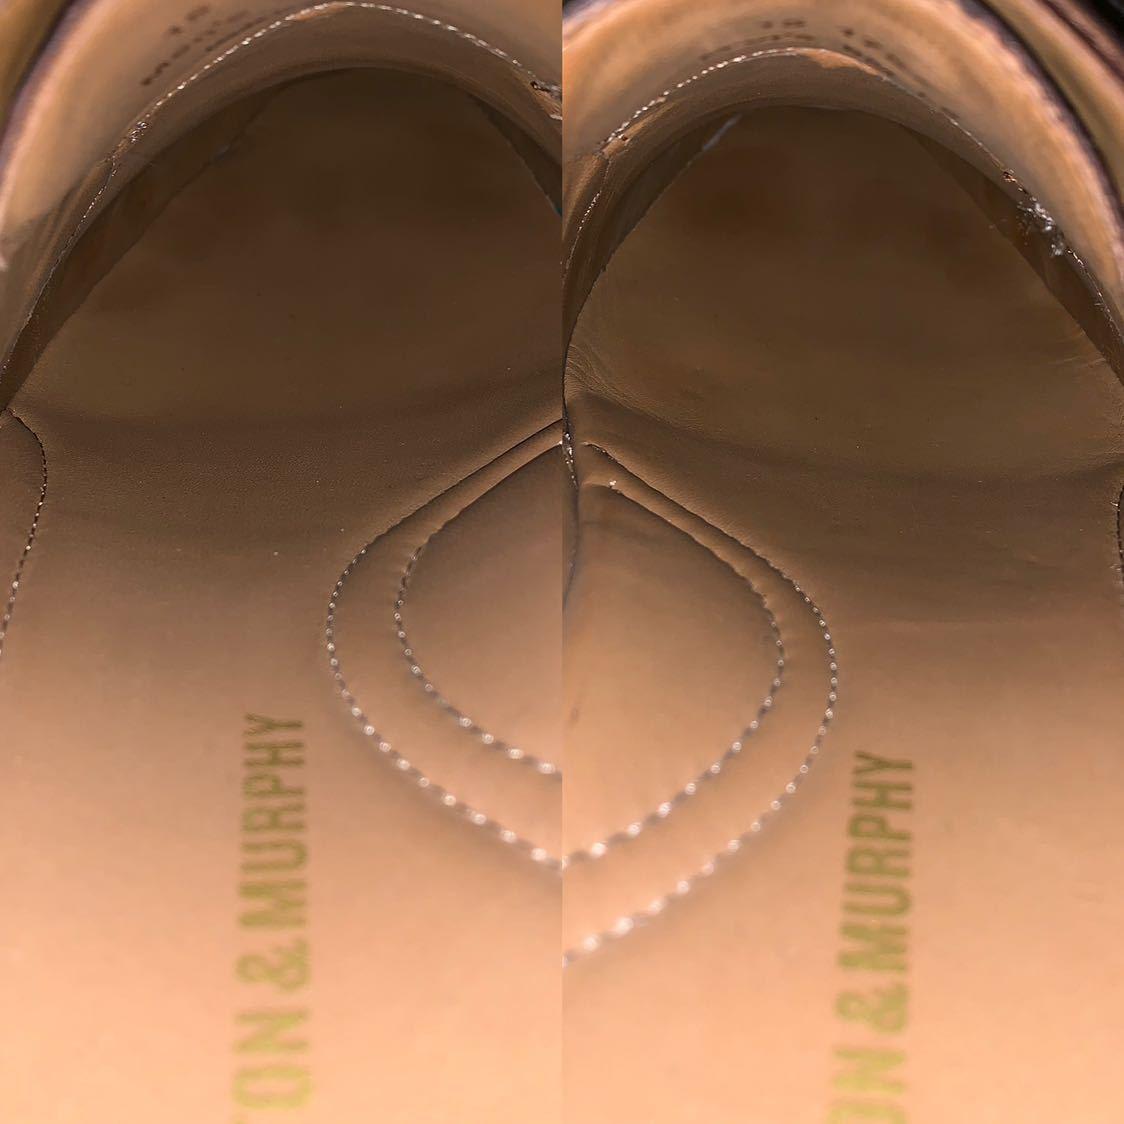 【未使用品】Johnston&Murphy ジョンストン&マーフィー ウイングチップ US 9 M 27cm相応 赤茶 革靴 アメリカ靴_画像9